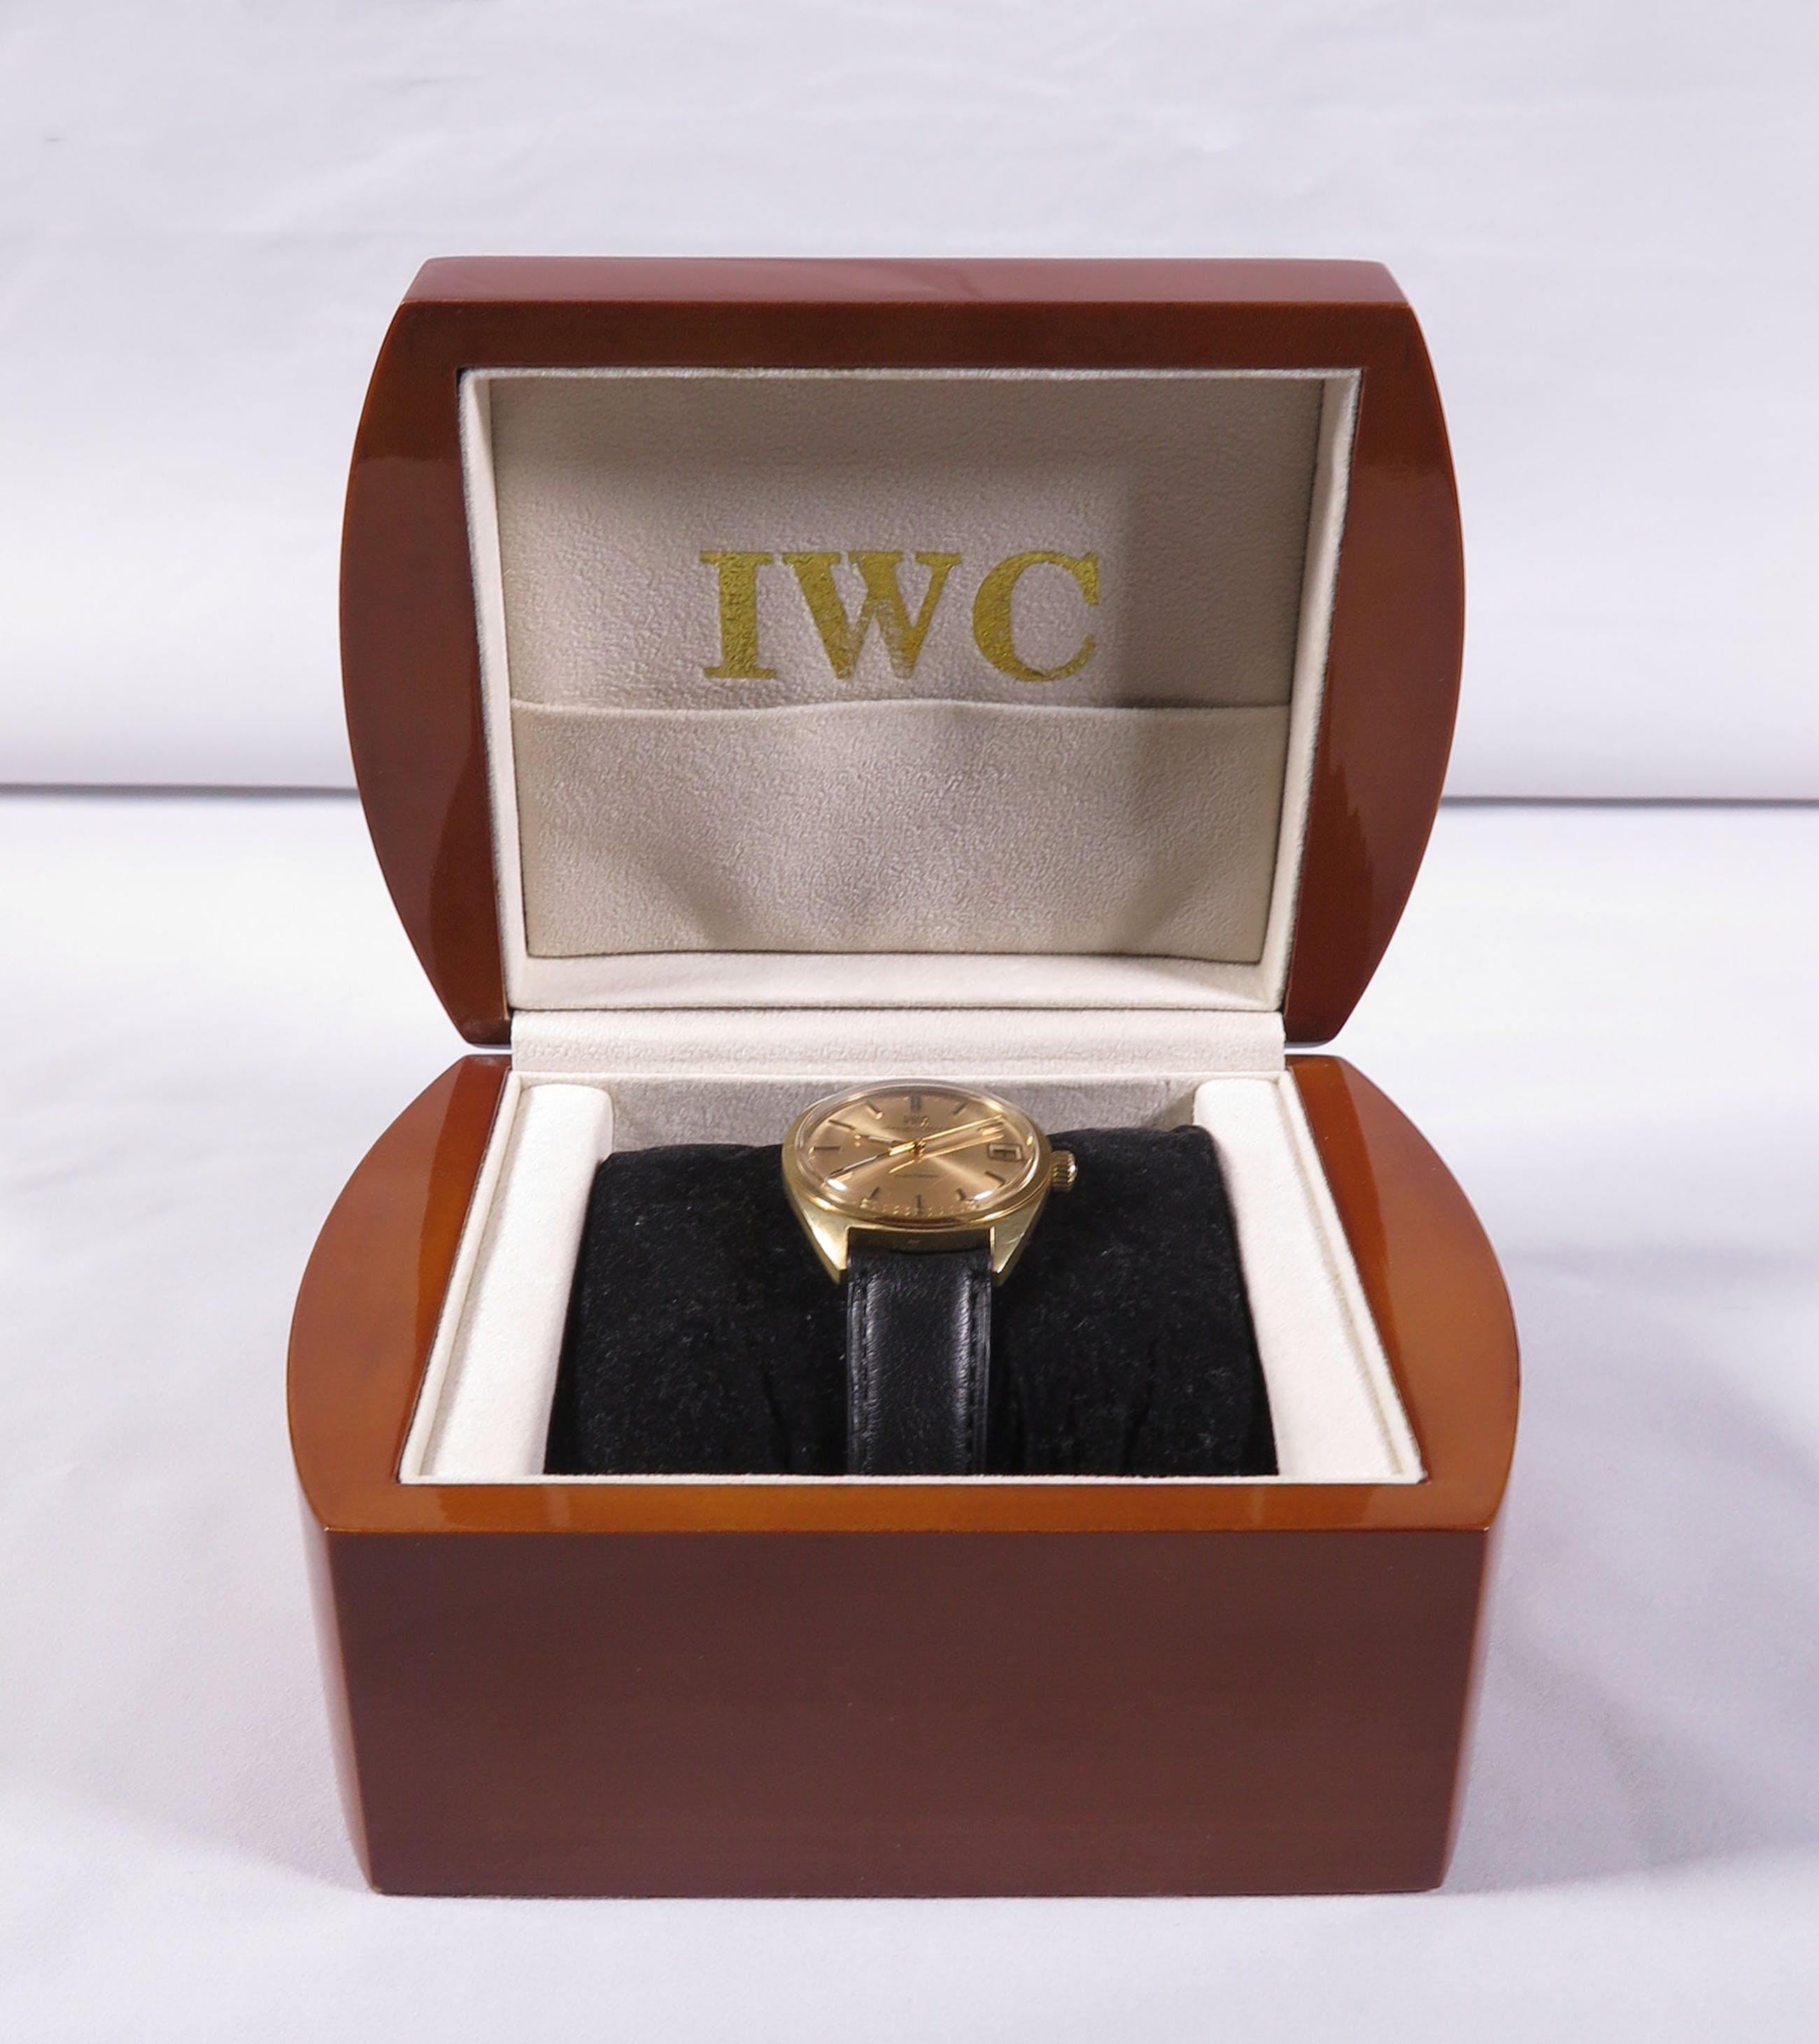 Verwonderend IWC - Electronic 18K Goud, Zwitsers herenhorloge met zwart lederen UB-09